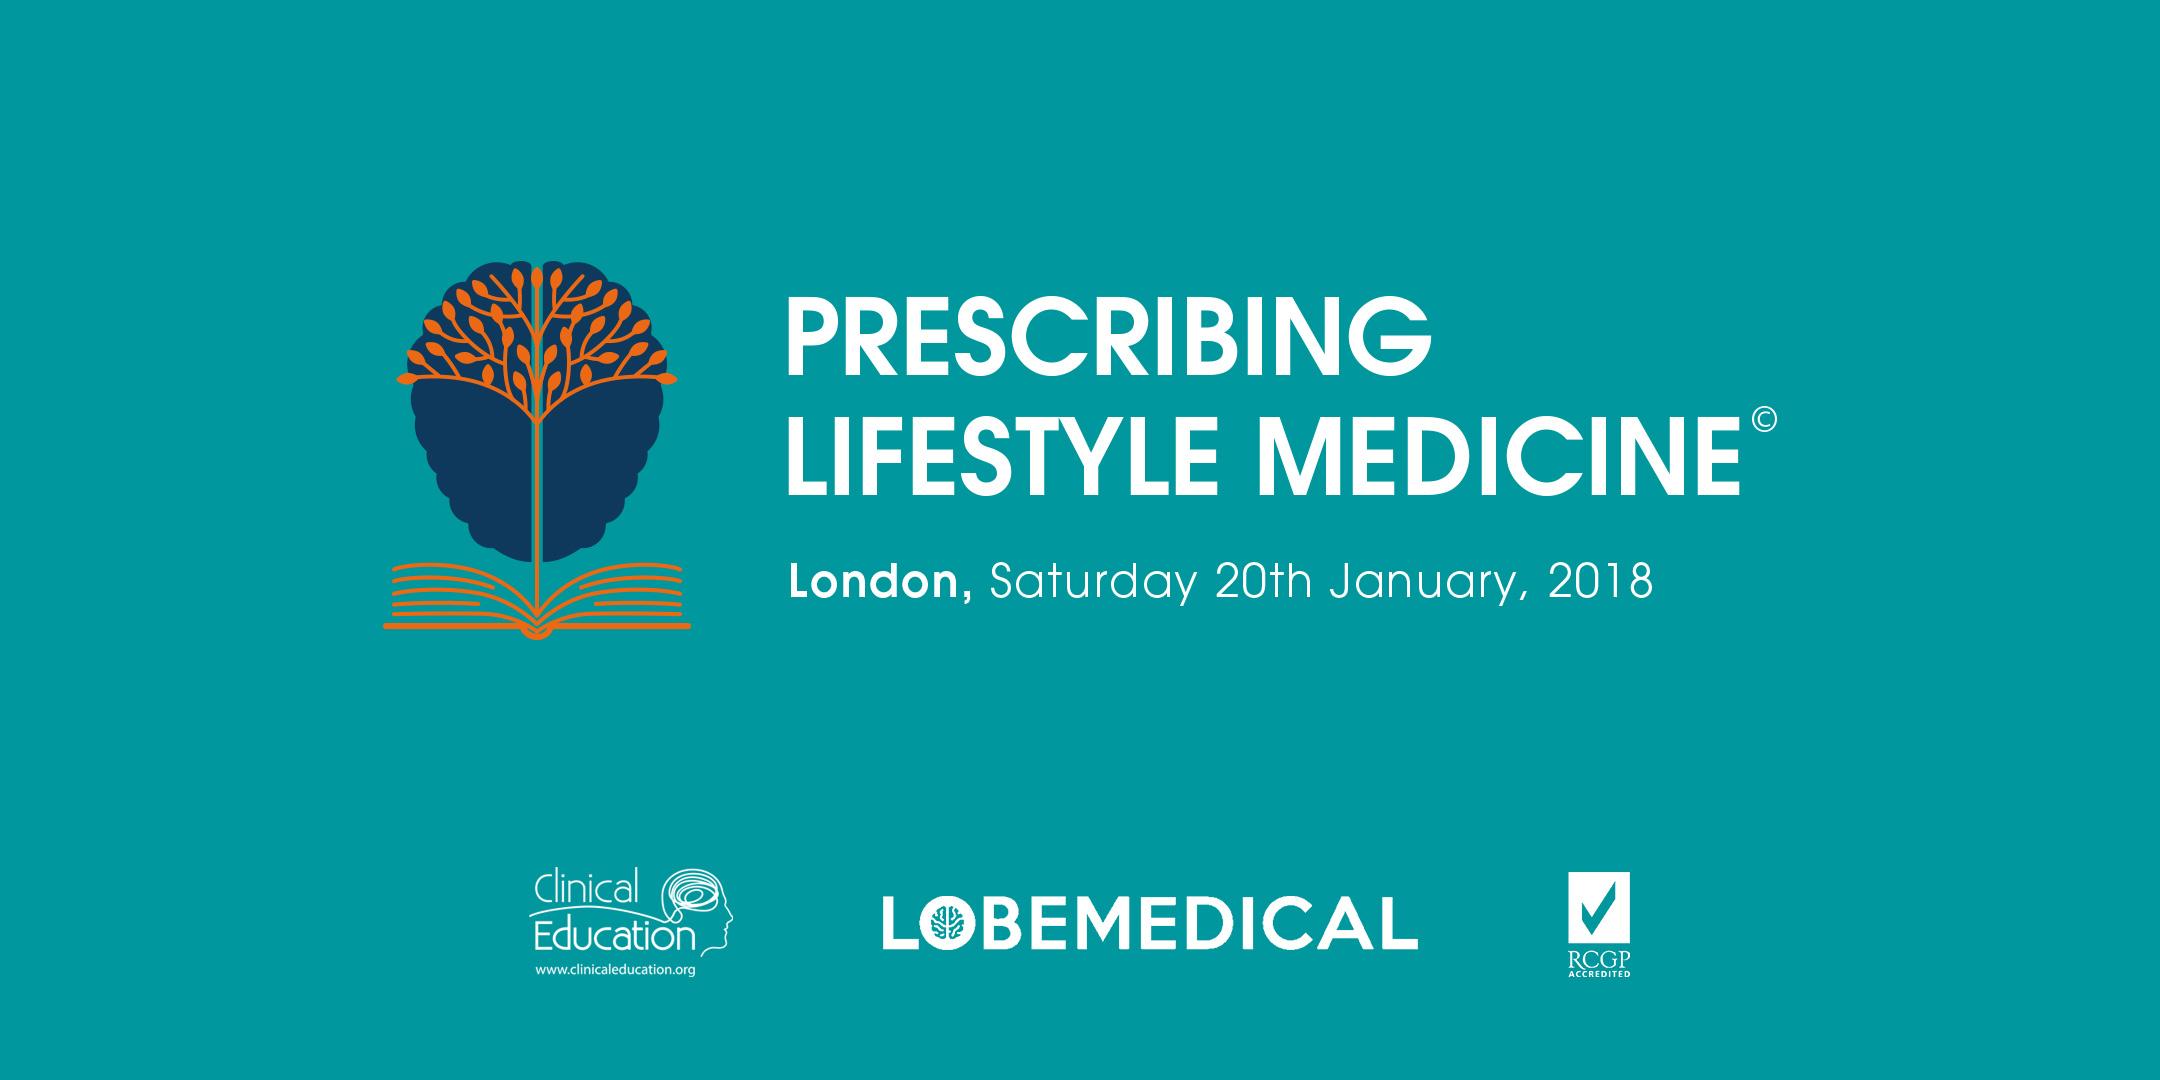 lifestyle-medicine-eventbrite